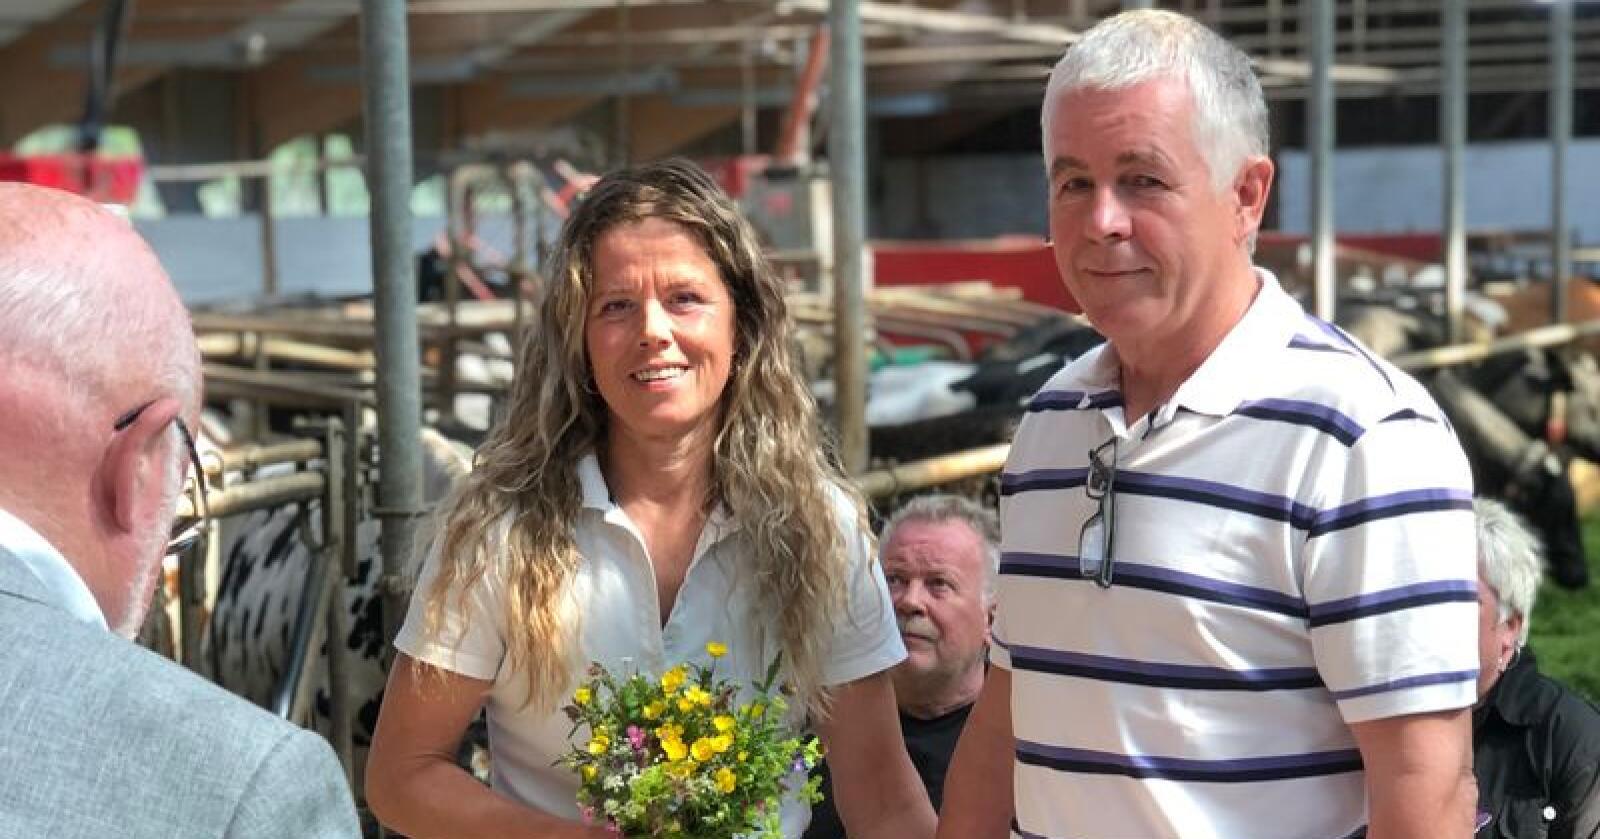 Sølvi og Børge valgte å gifte seg i sin egen egen katedral på gården i Namsos. Foto: Sindre Aglen.